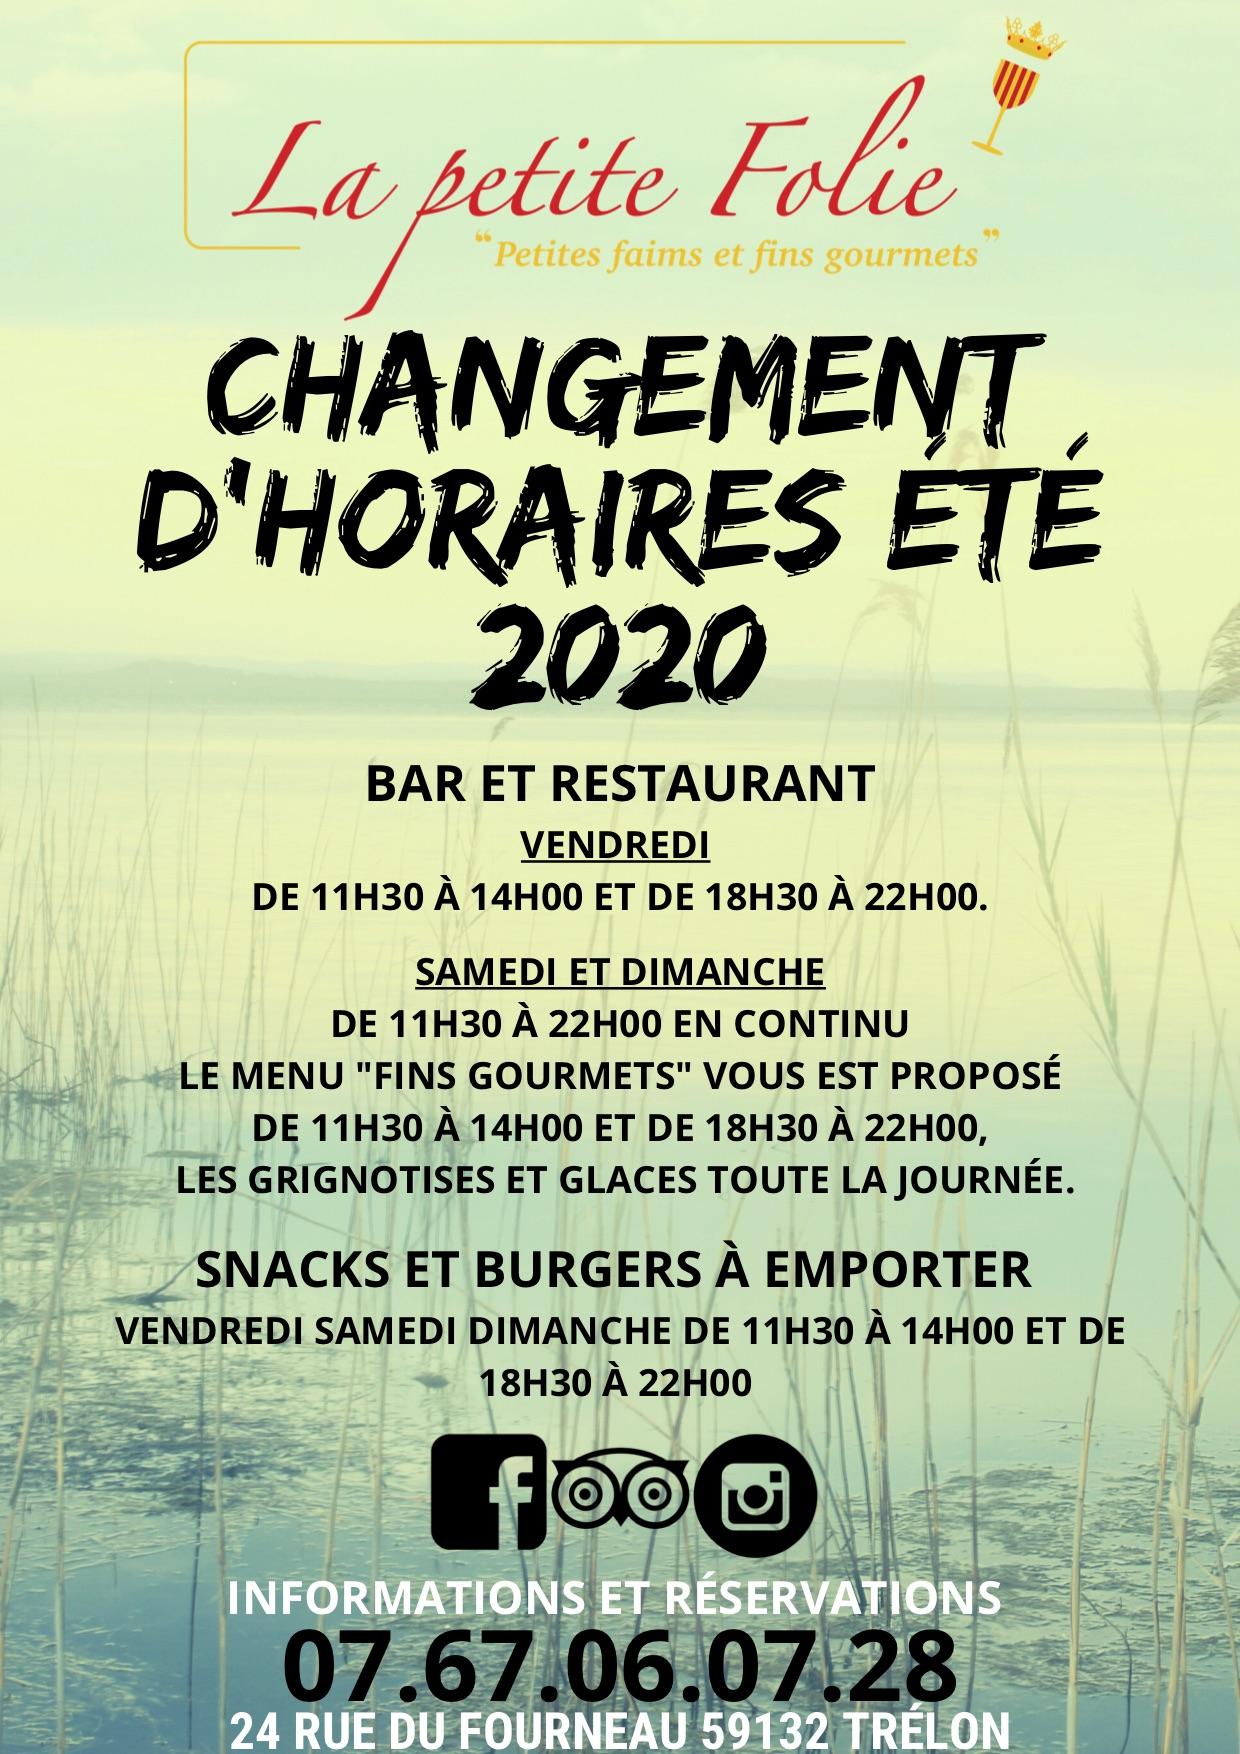 NOUVEAUX HORAIRES ETE 2020